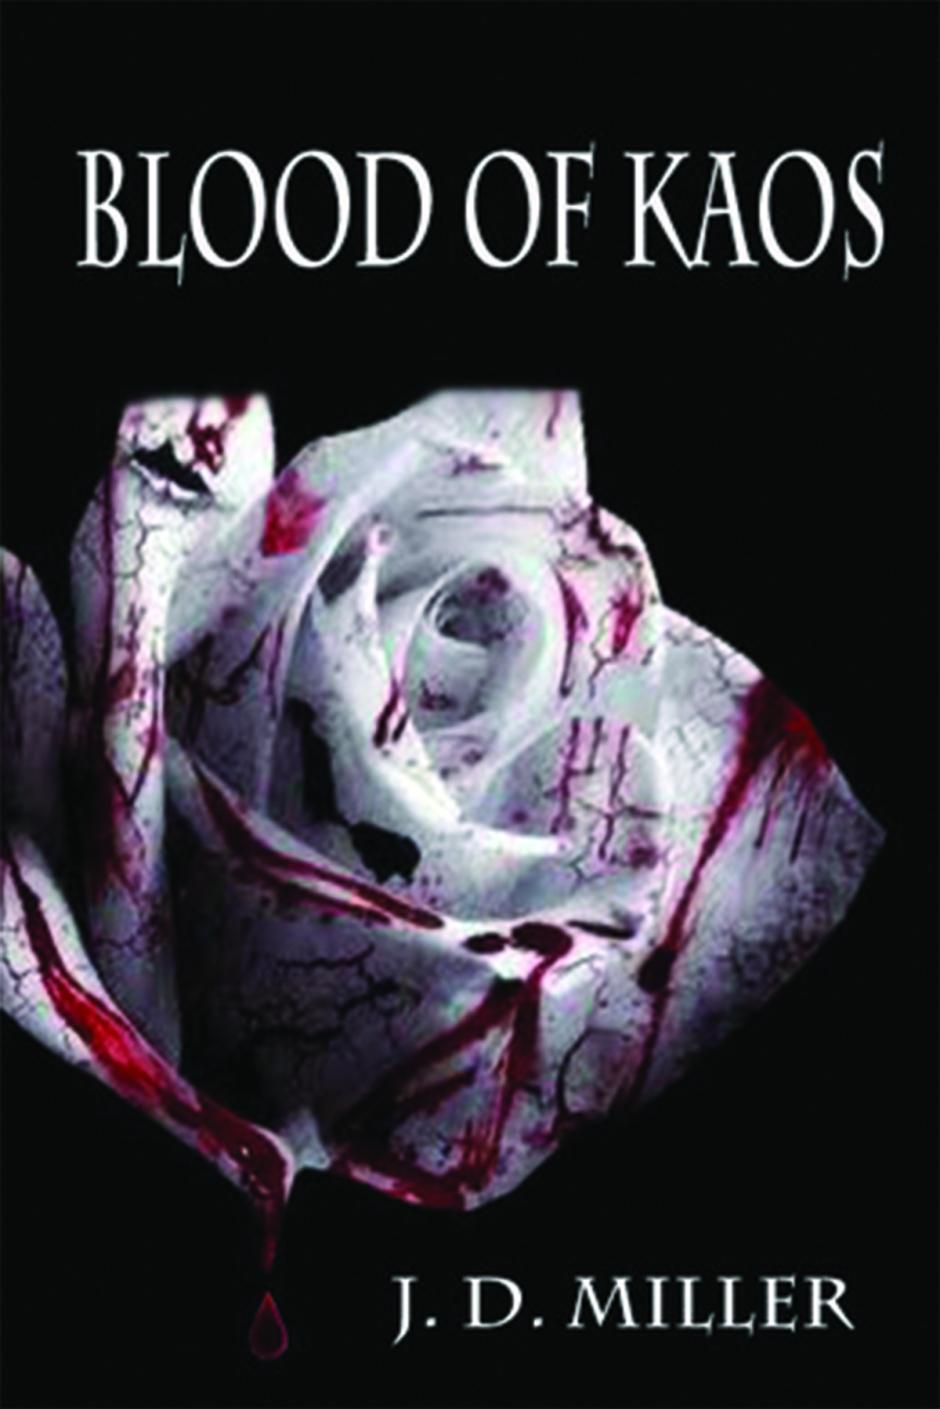 BloodofKaos